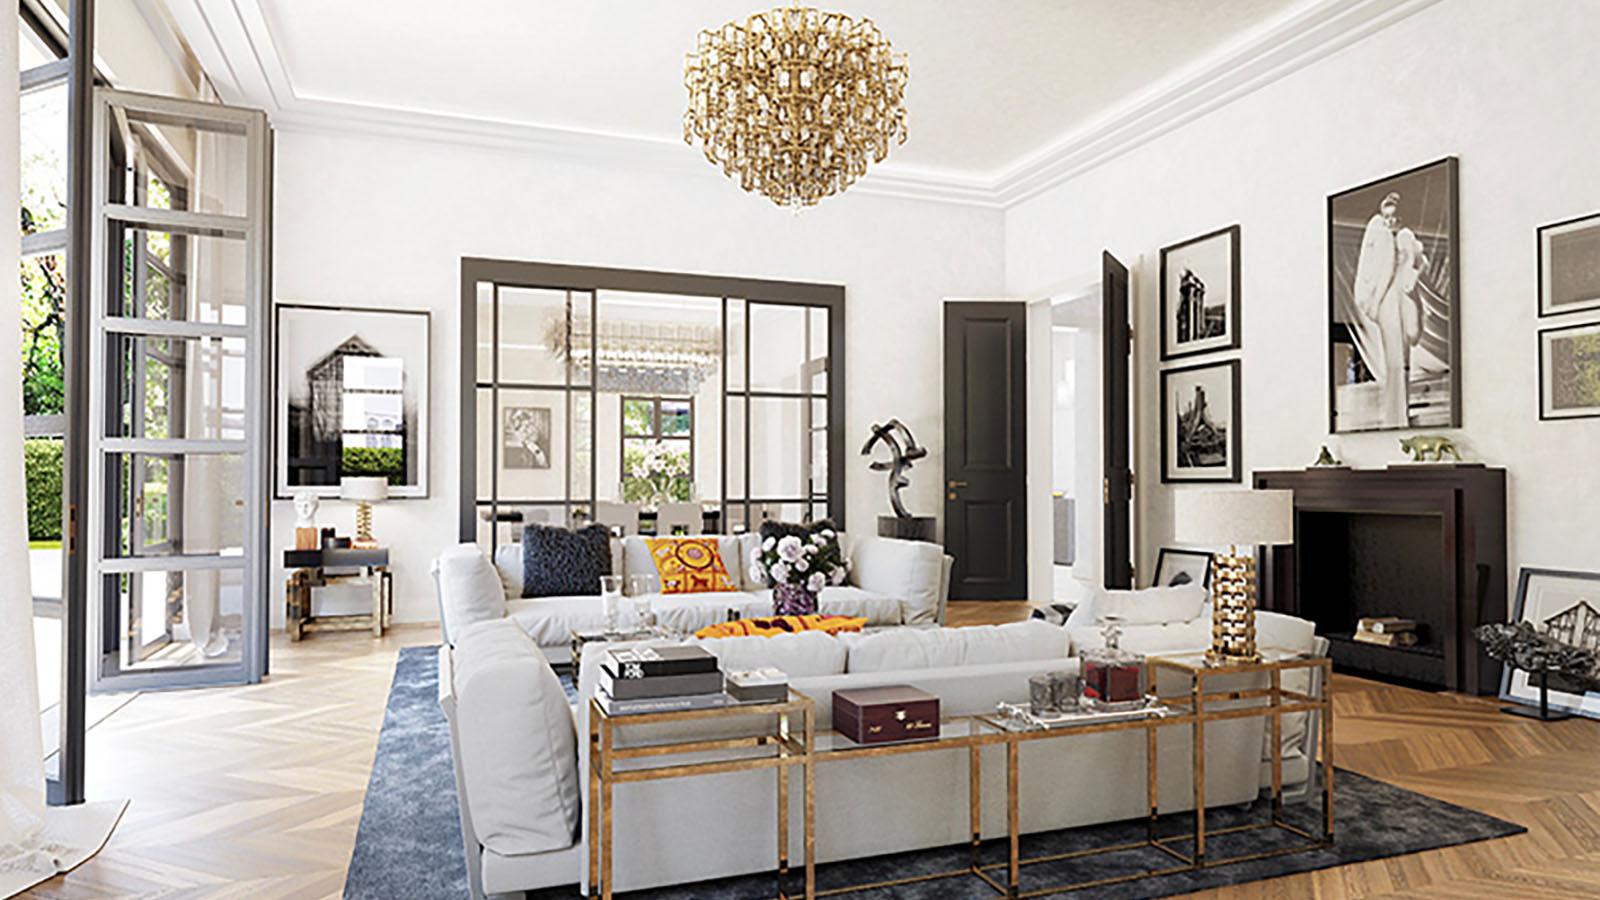 m nchen altbogenhausen einfamilien villa streifzug media gmbh. Black Bedroom Furniture Sets. Home Design Ideas